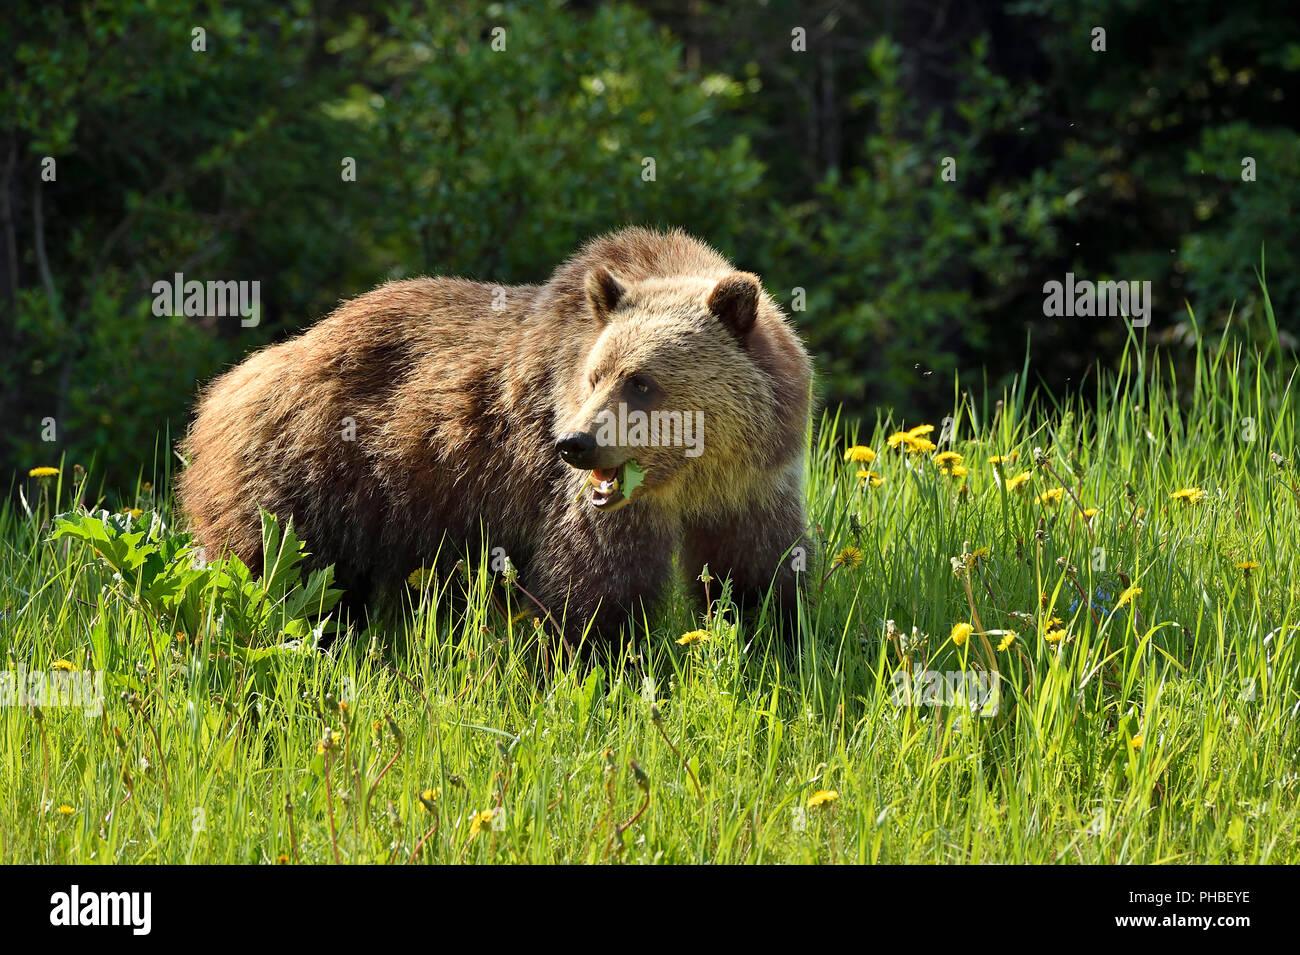 Ein Grizzly Bär (Ursus arctos), beim Füttern auf Grün dandilyon Blätter in ländlichen Alberta, Kanada. Stockbild